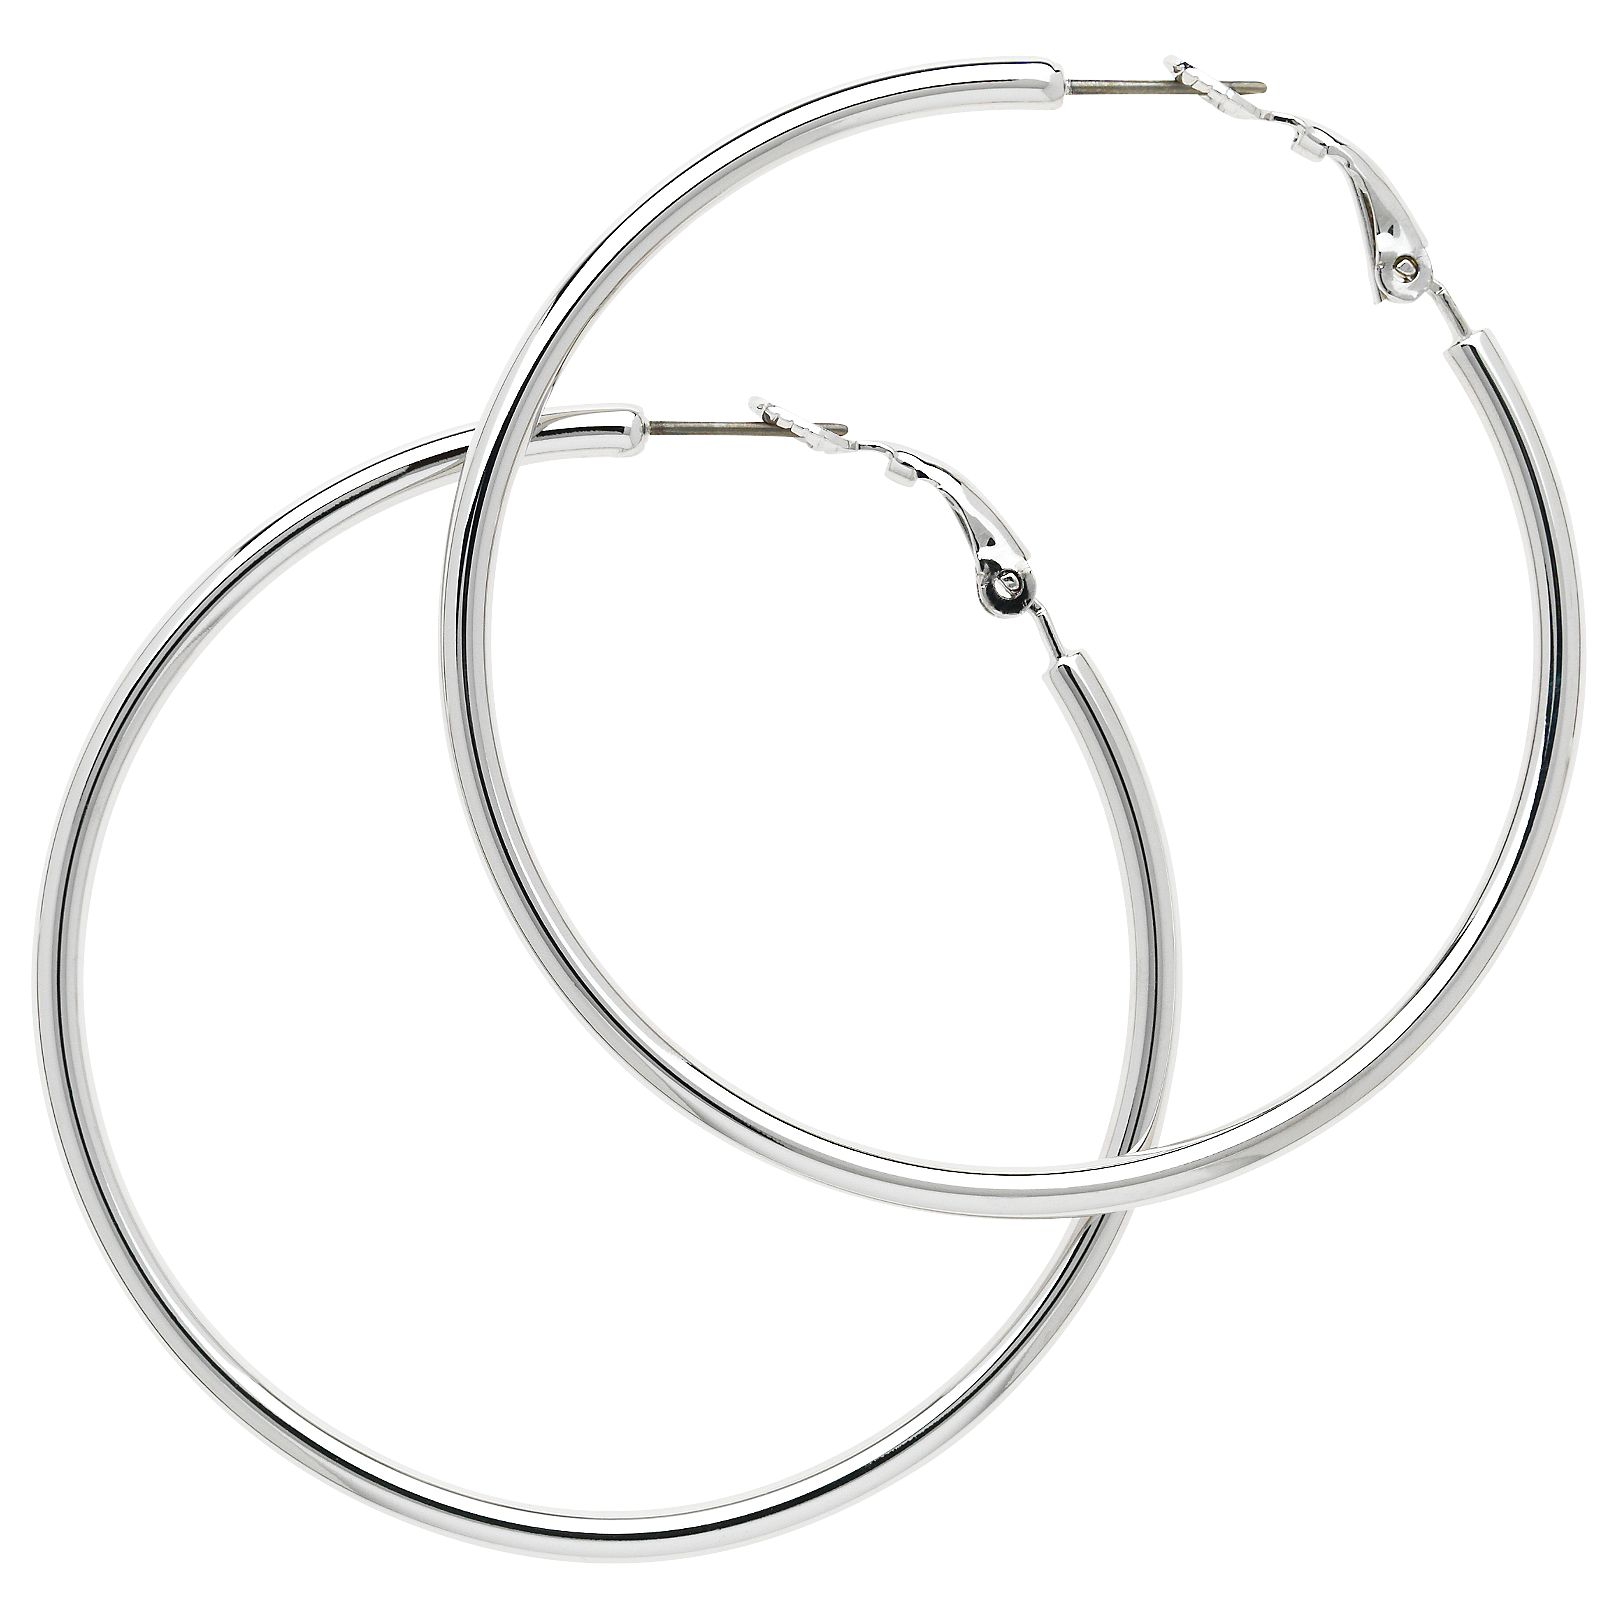 Melissa Odabash Melissa Odabash Medium Hoop Earrings, Silver